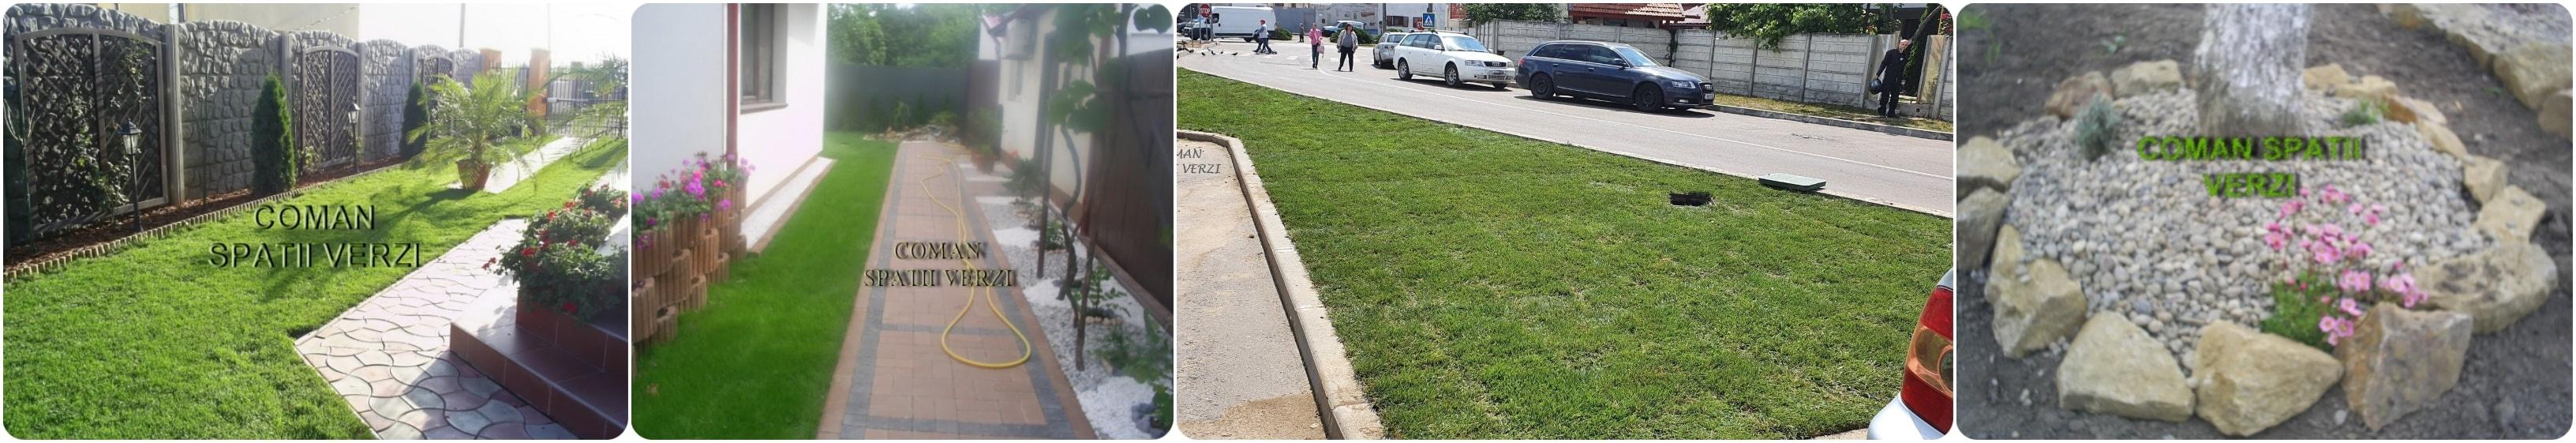 gazon alei piatra plante gradina timisoara